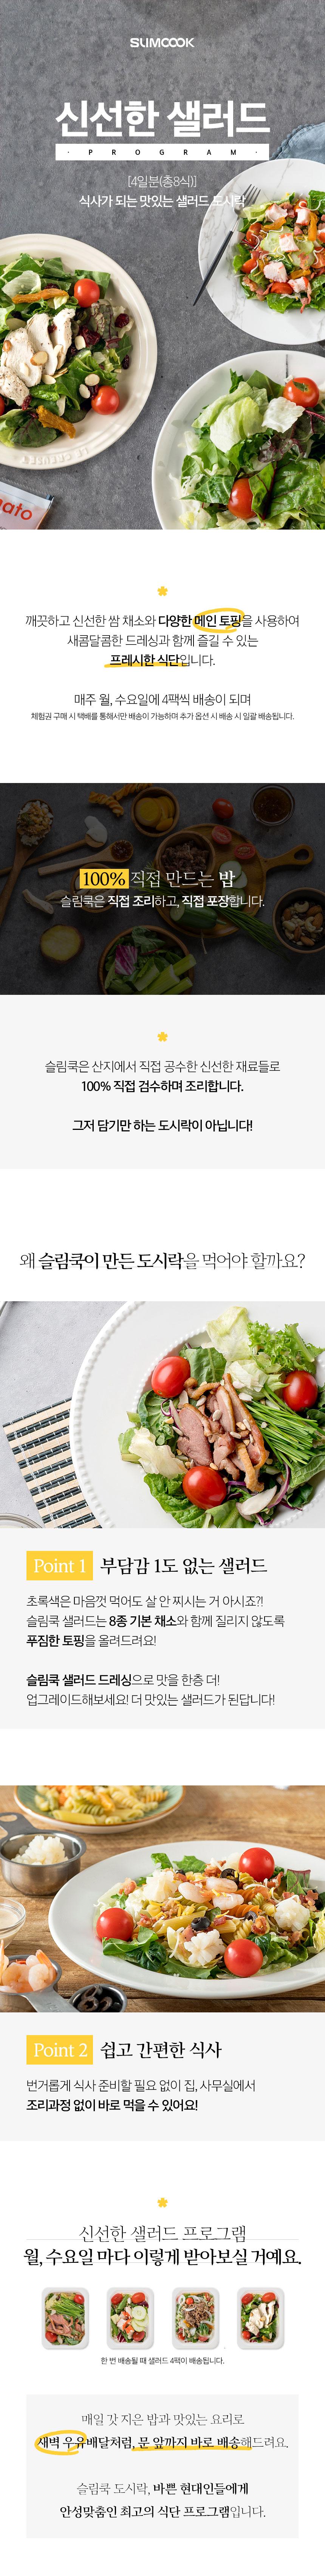 슬림쿡 신선한 샐러드 프로그램